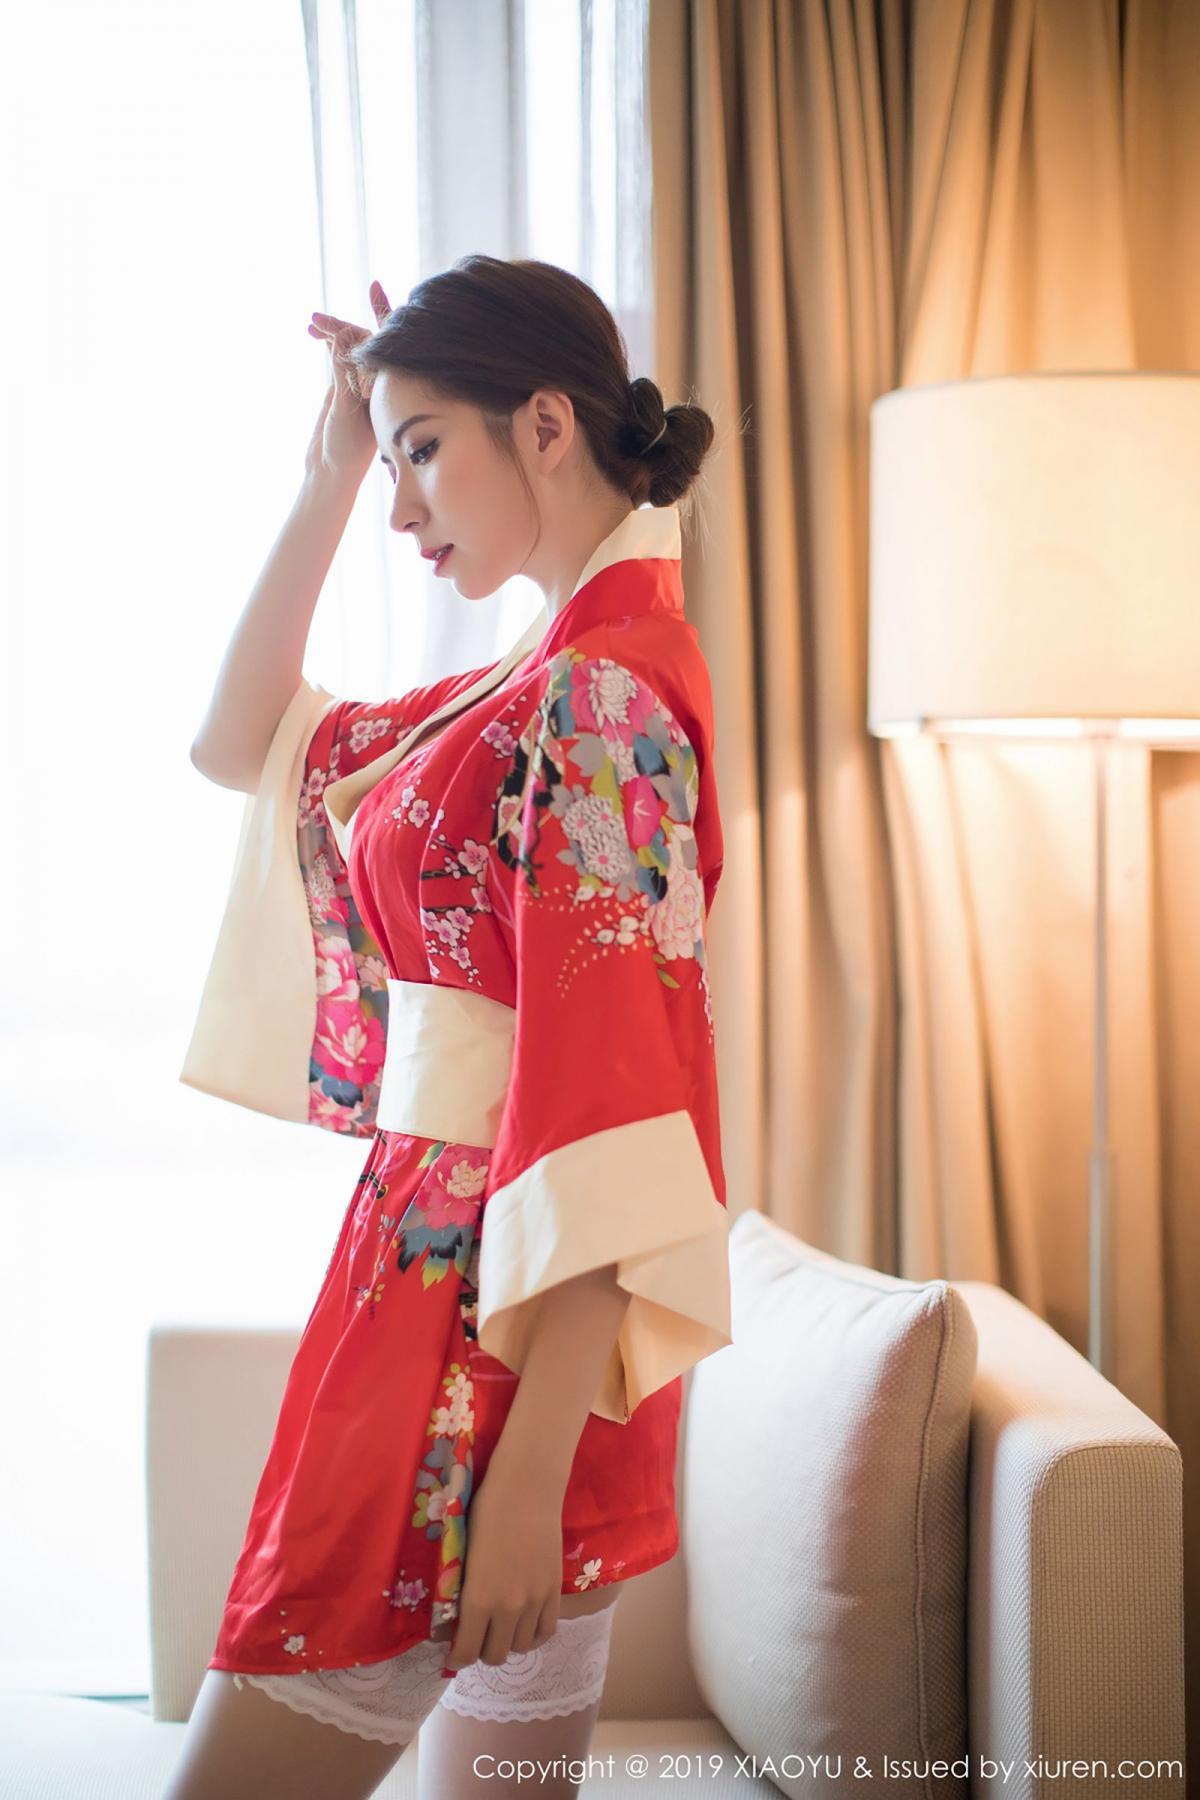 [XiaoYu] Vol.014 Chen Liang Ling 15P, Chen Liang Ling, Kimono, Tall, XiaoYu